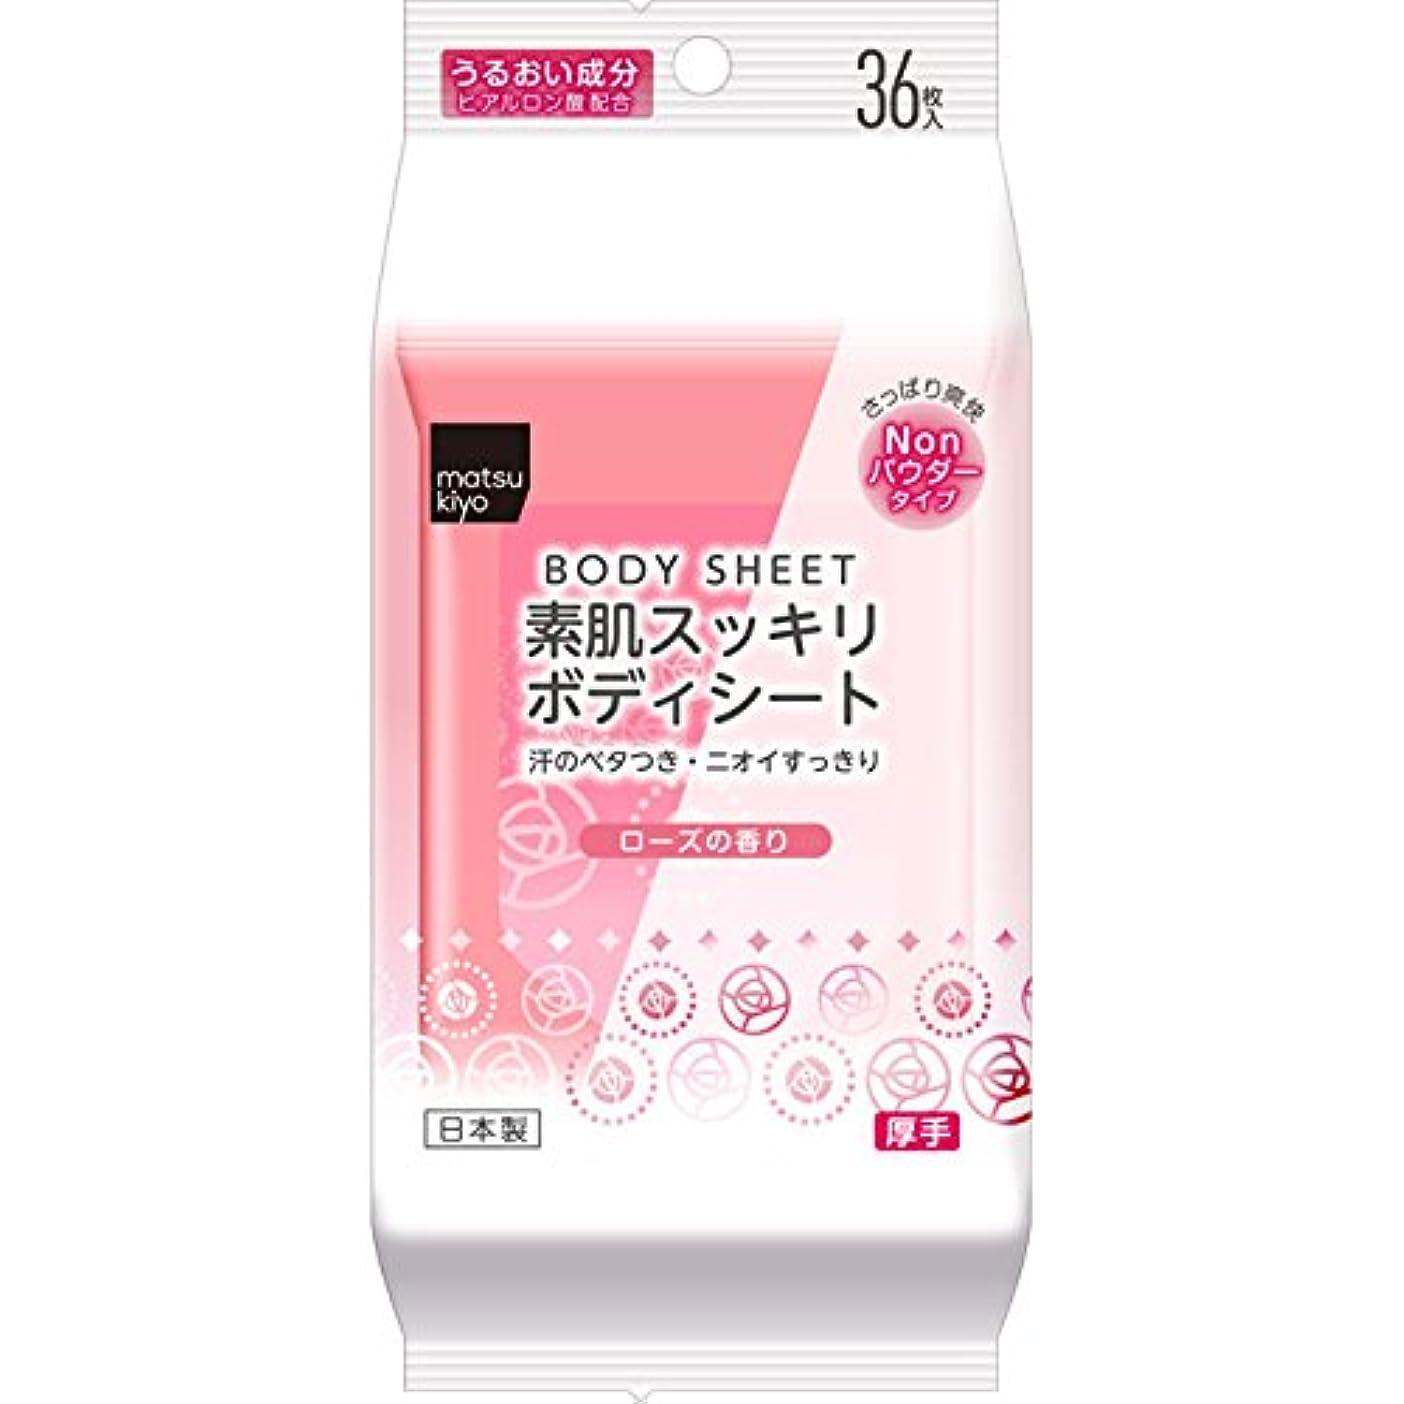 食物旋律的類似性matsukiyo 素肌スッキリボディシート ローズの香り 36枚